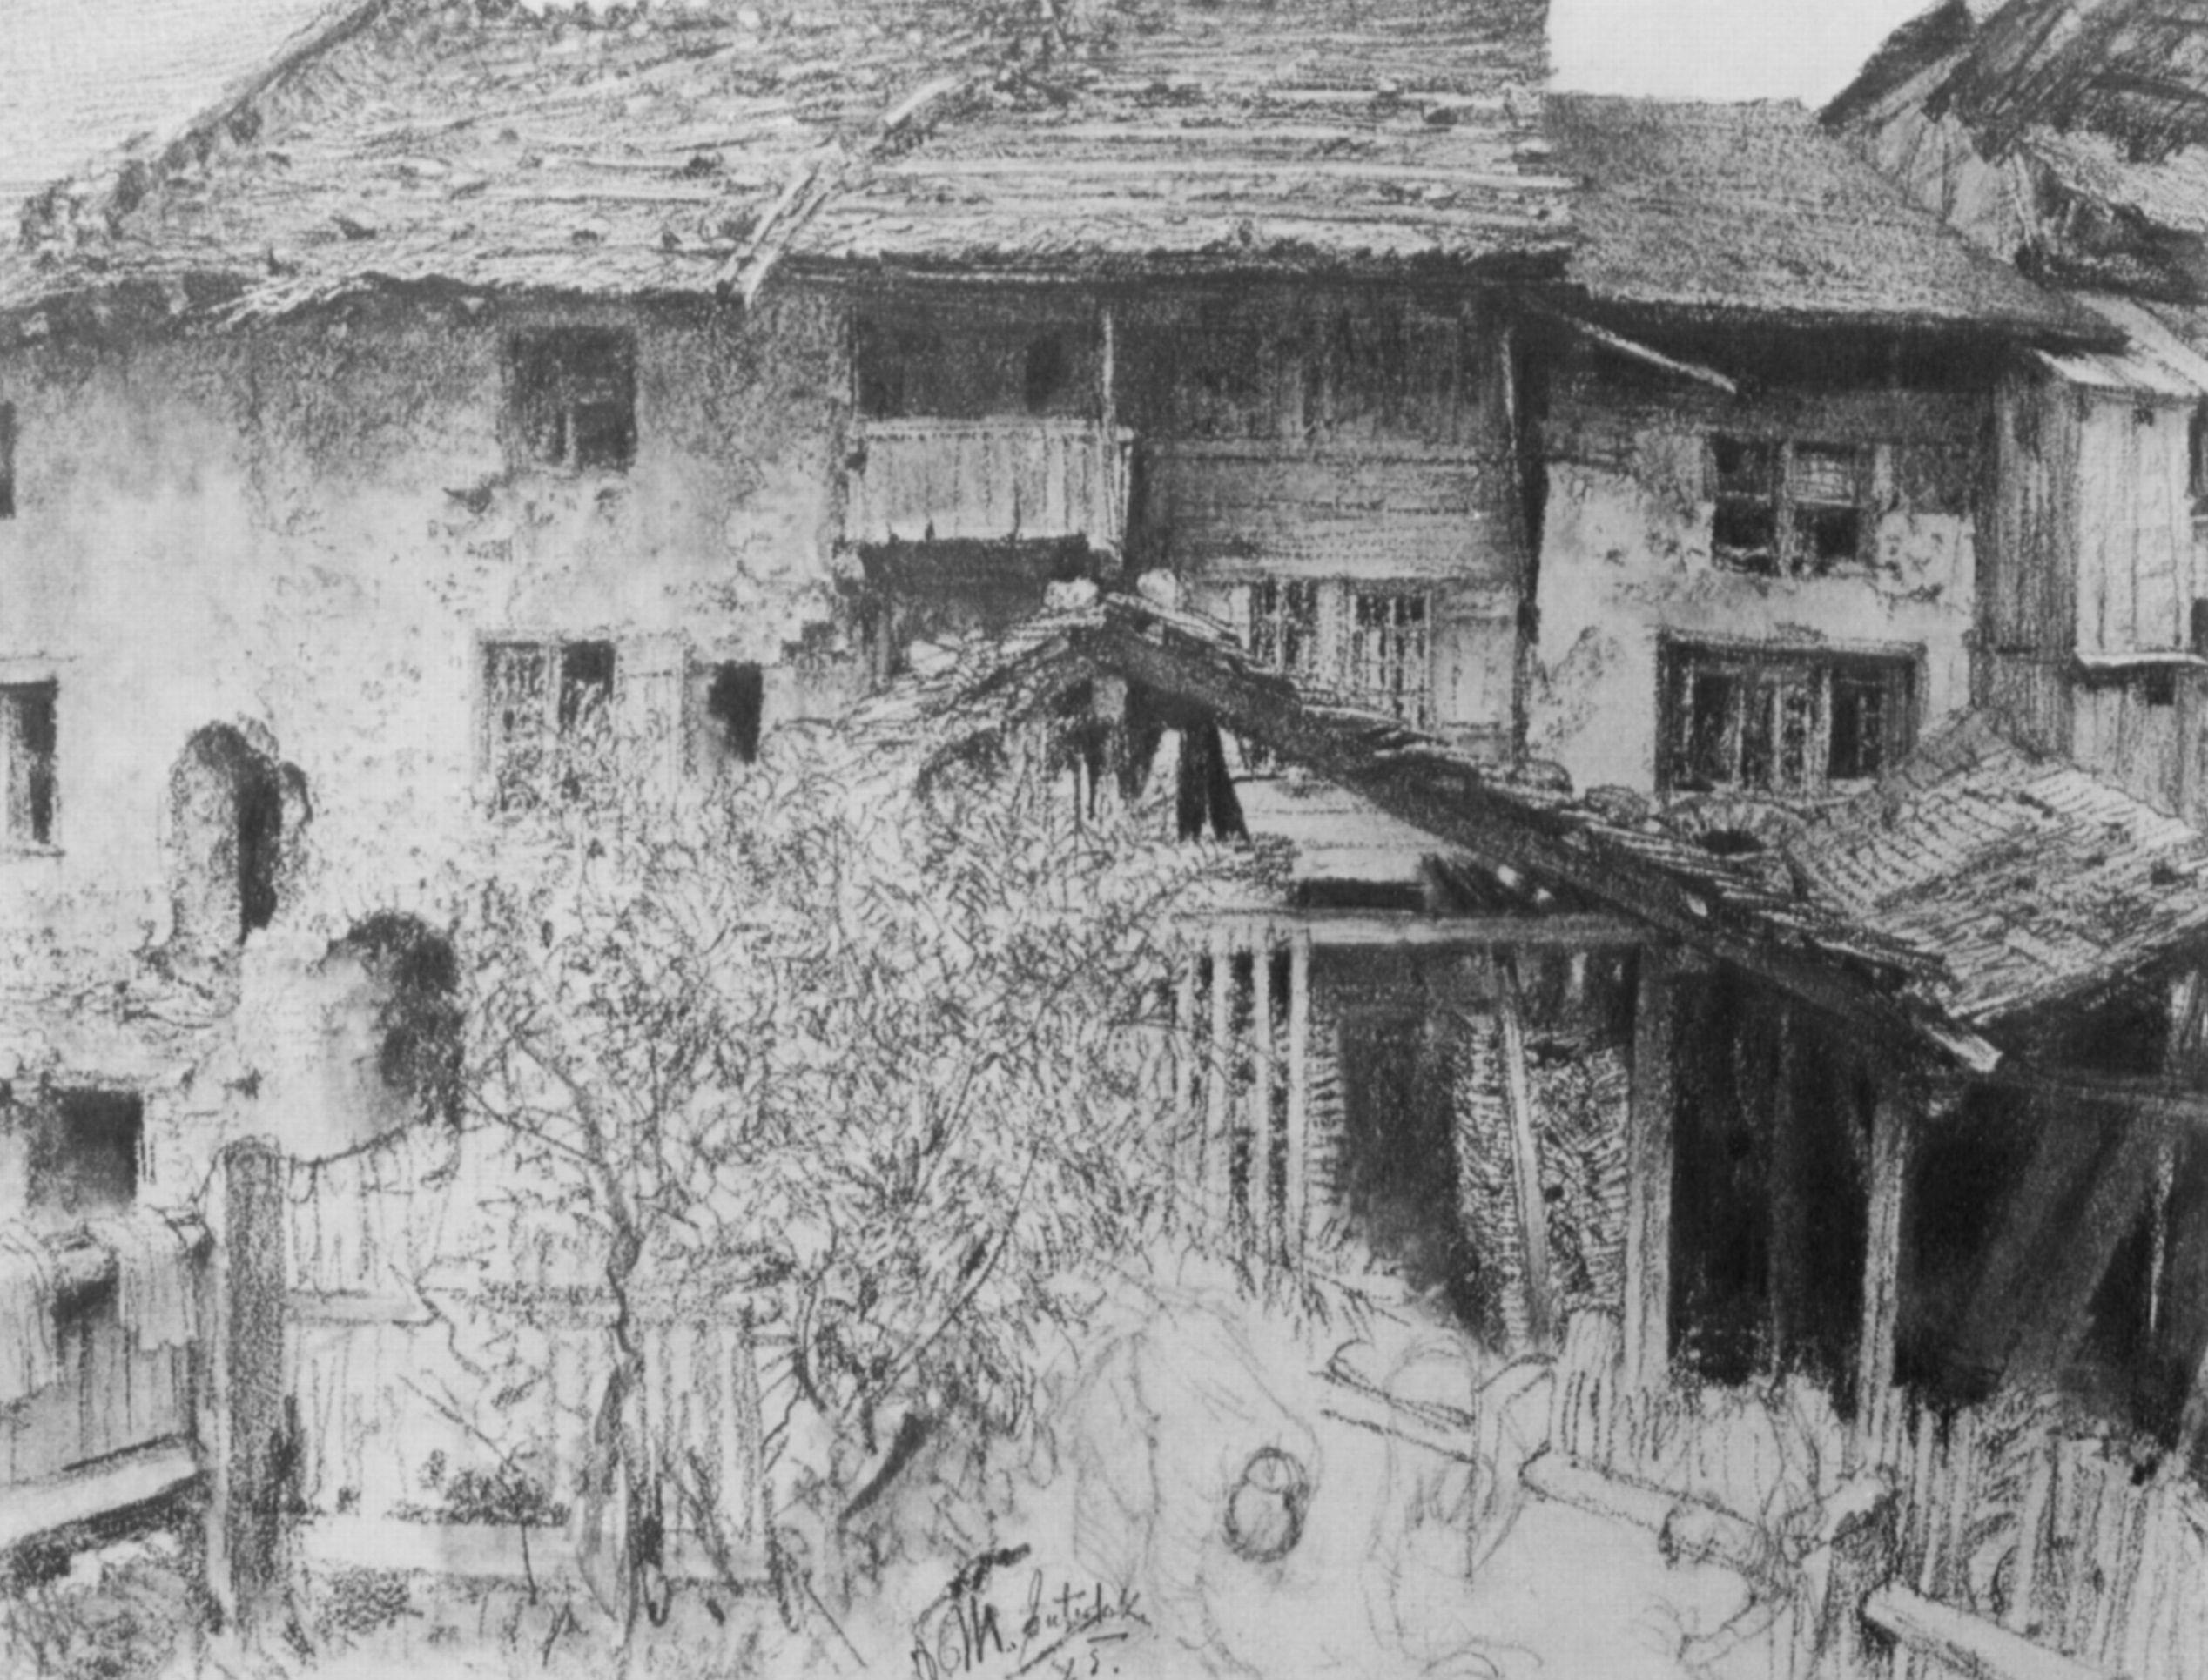 Häuser In menzel adolf friedrich erdmann alte häuser in interlaken